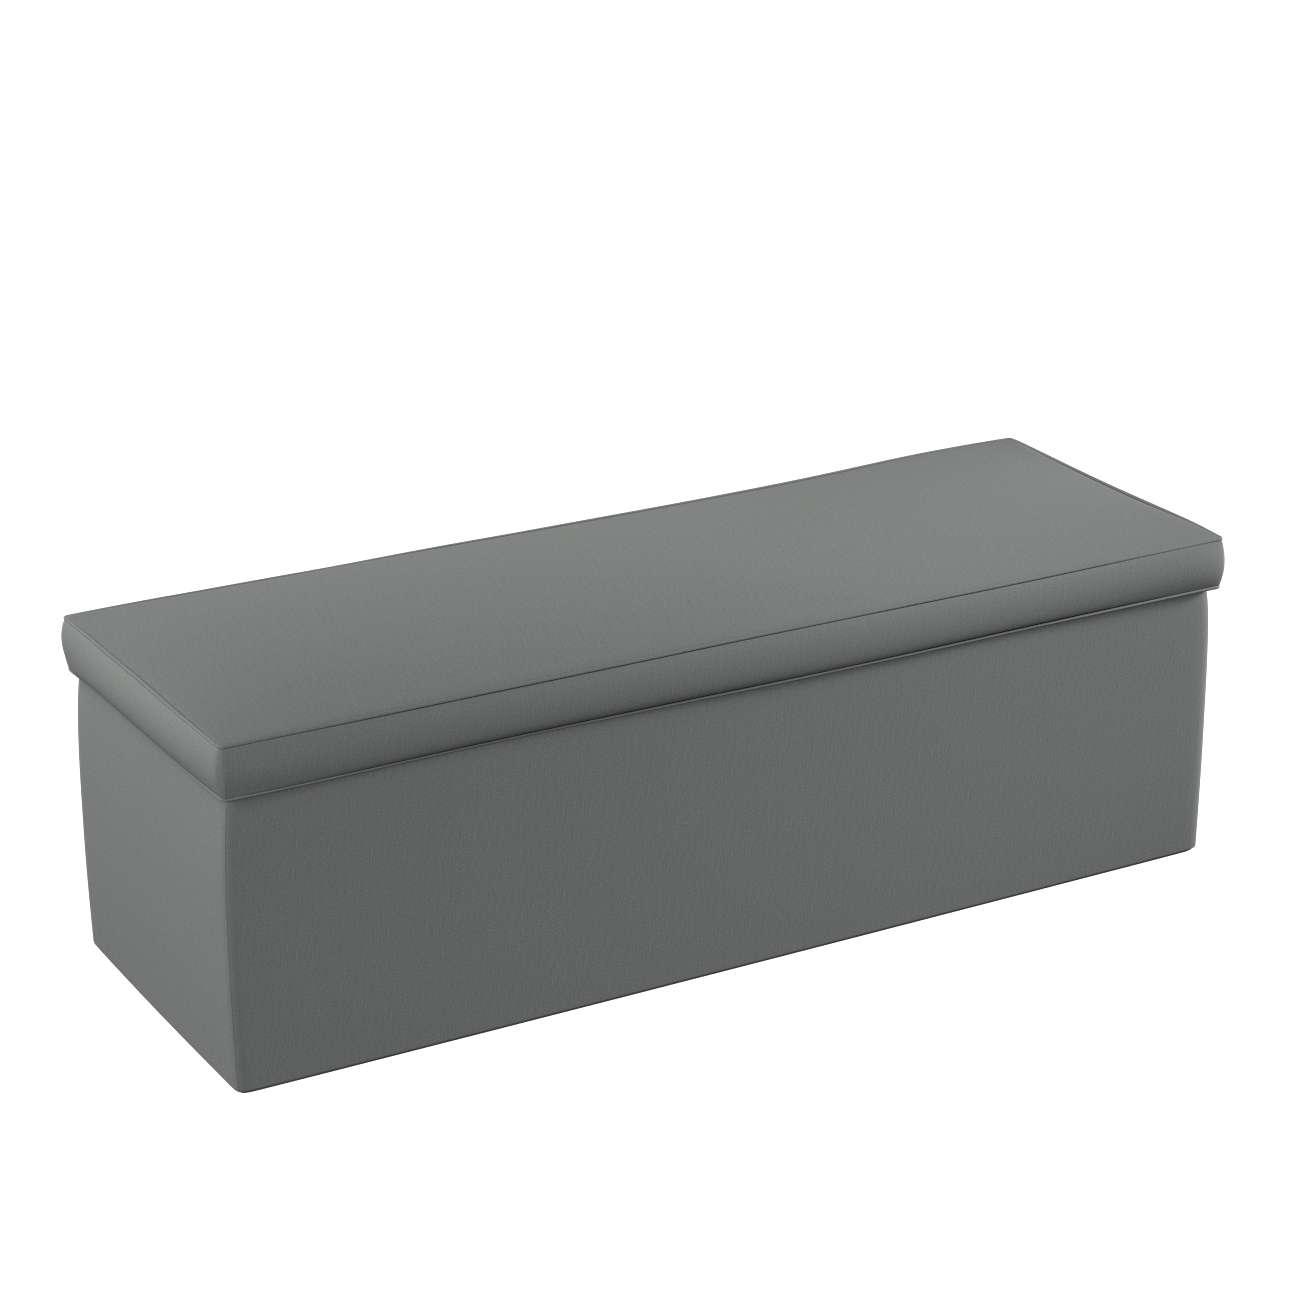 Čalouněná skříň s volbou látky - 2 velikosti v kolekci Quadro, látka: 136-14